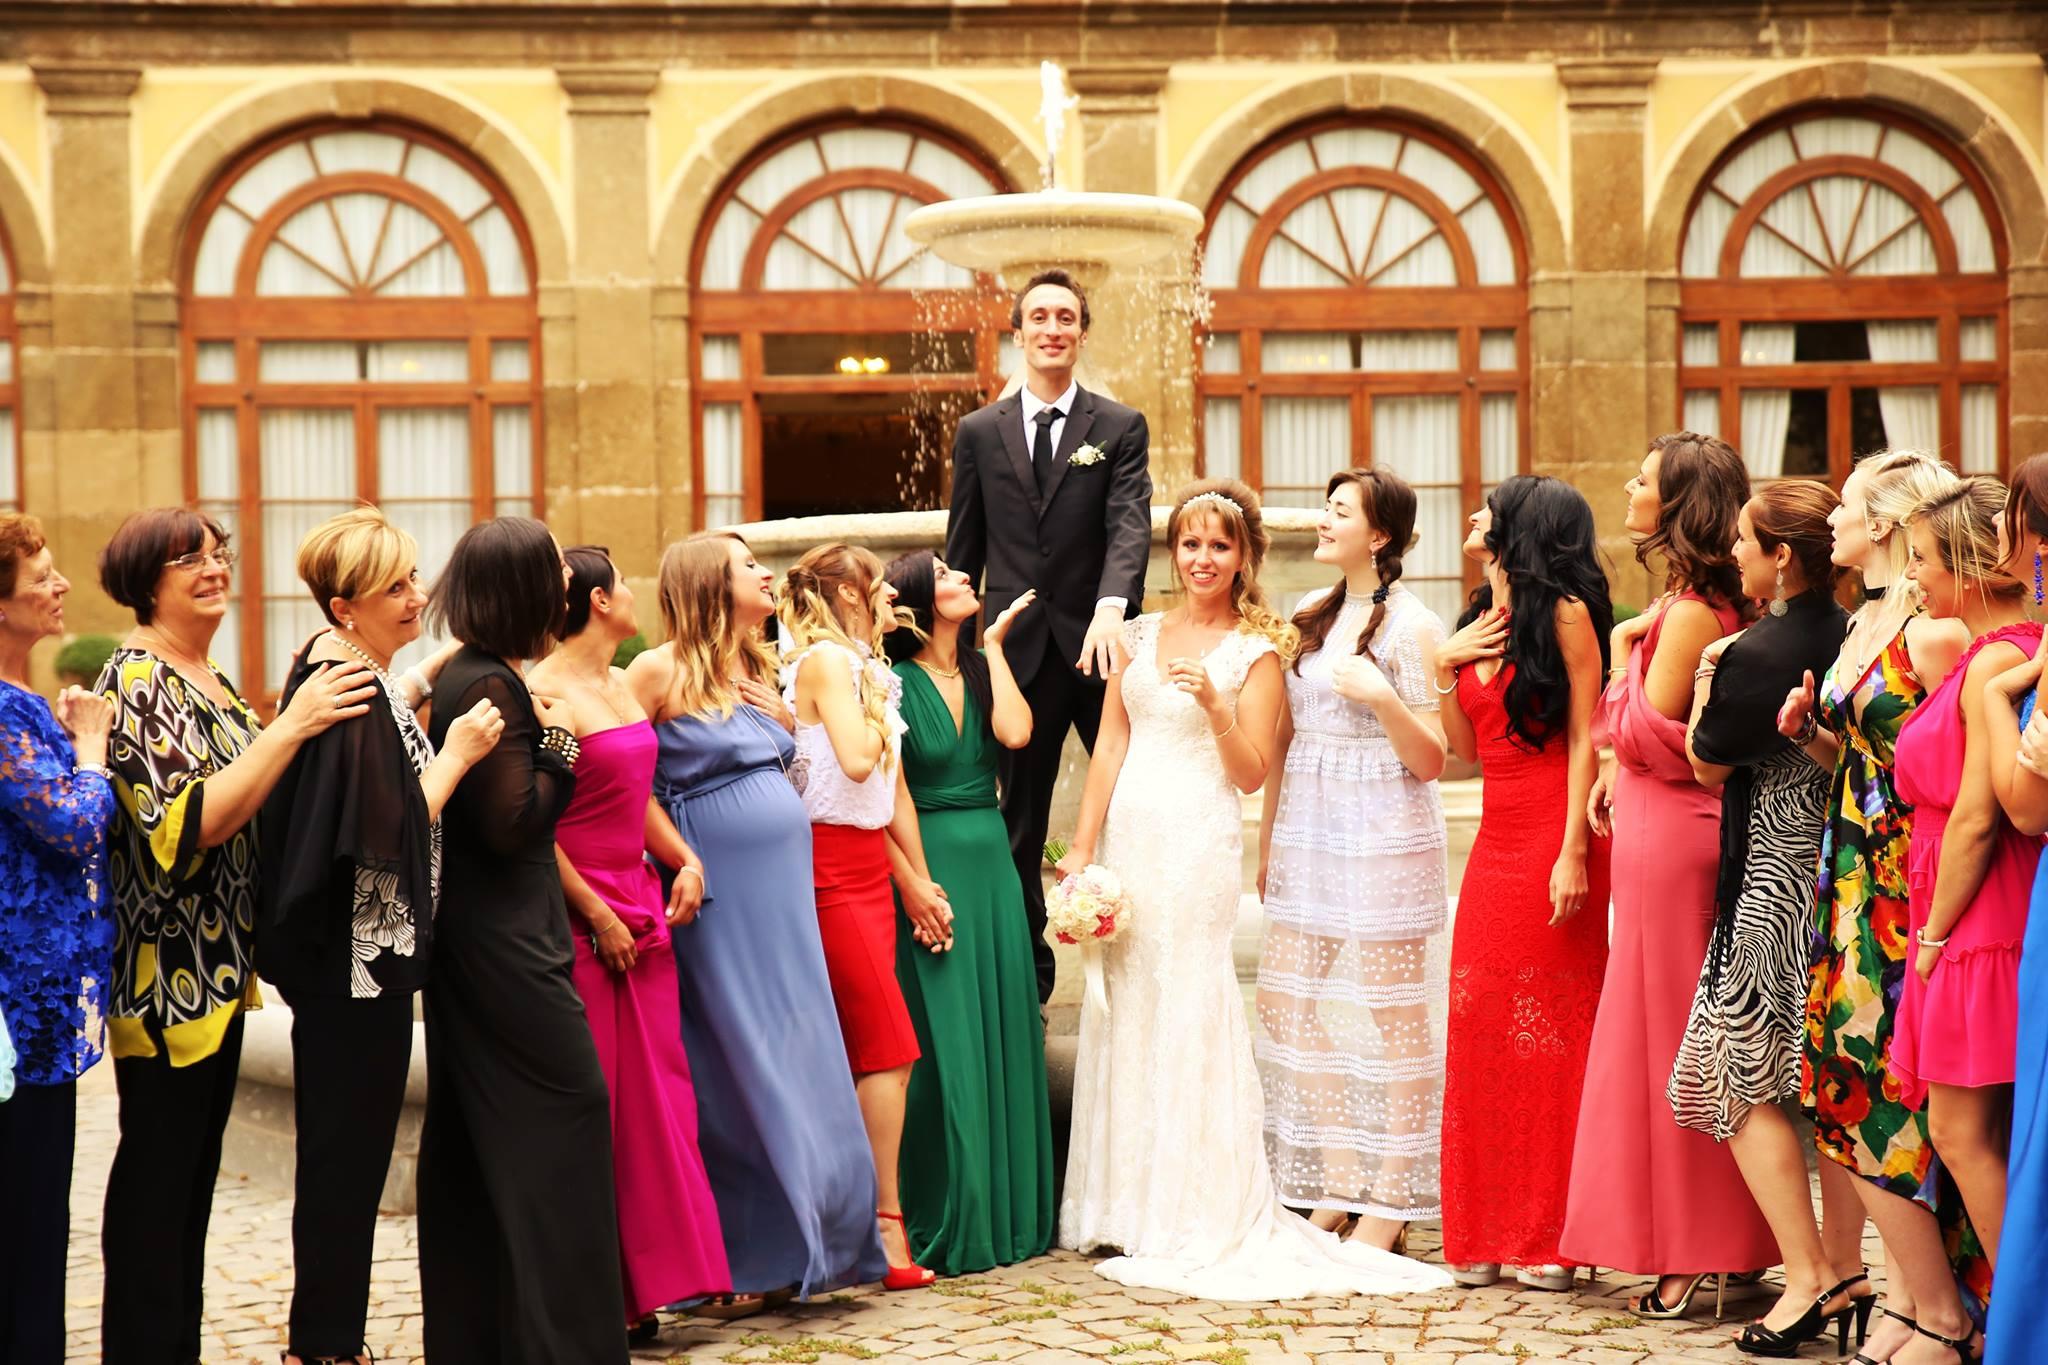 Фото 11 свадьба на вилле в Италии | Элеонора и Фабио | ведущая свадьбы в Италии - Катрин Моро